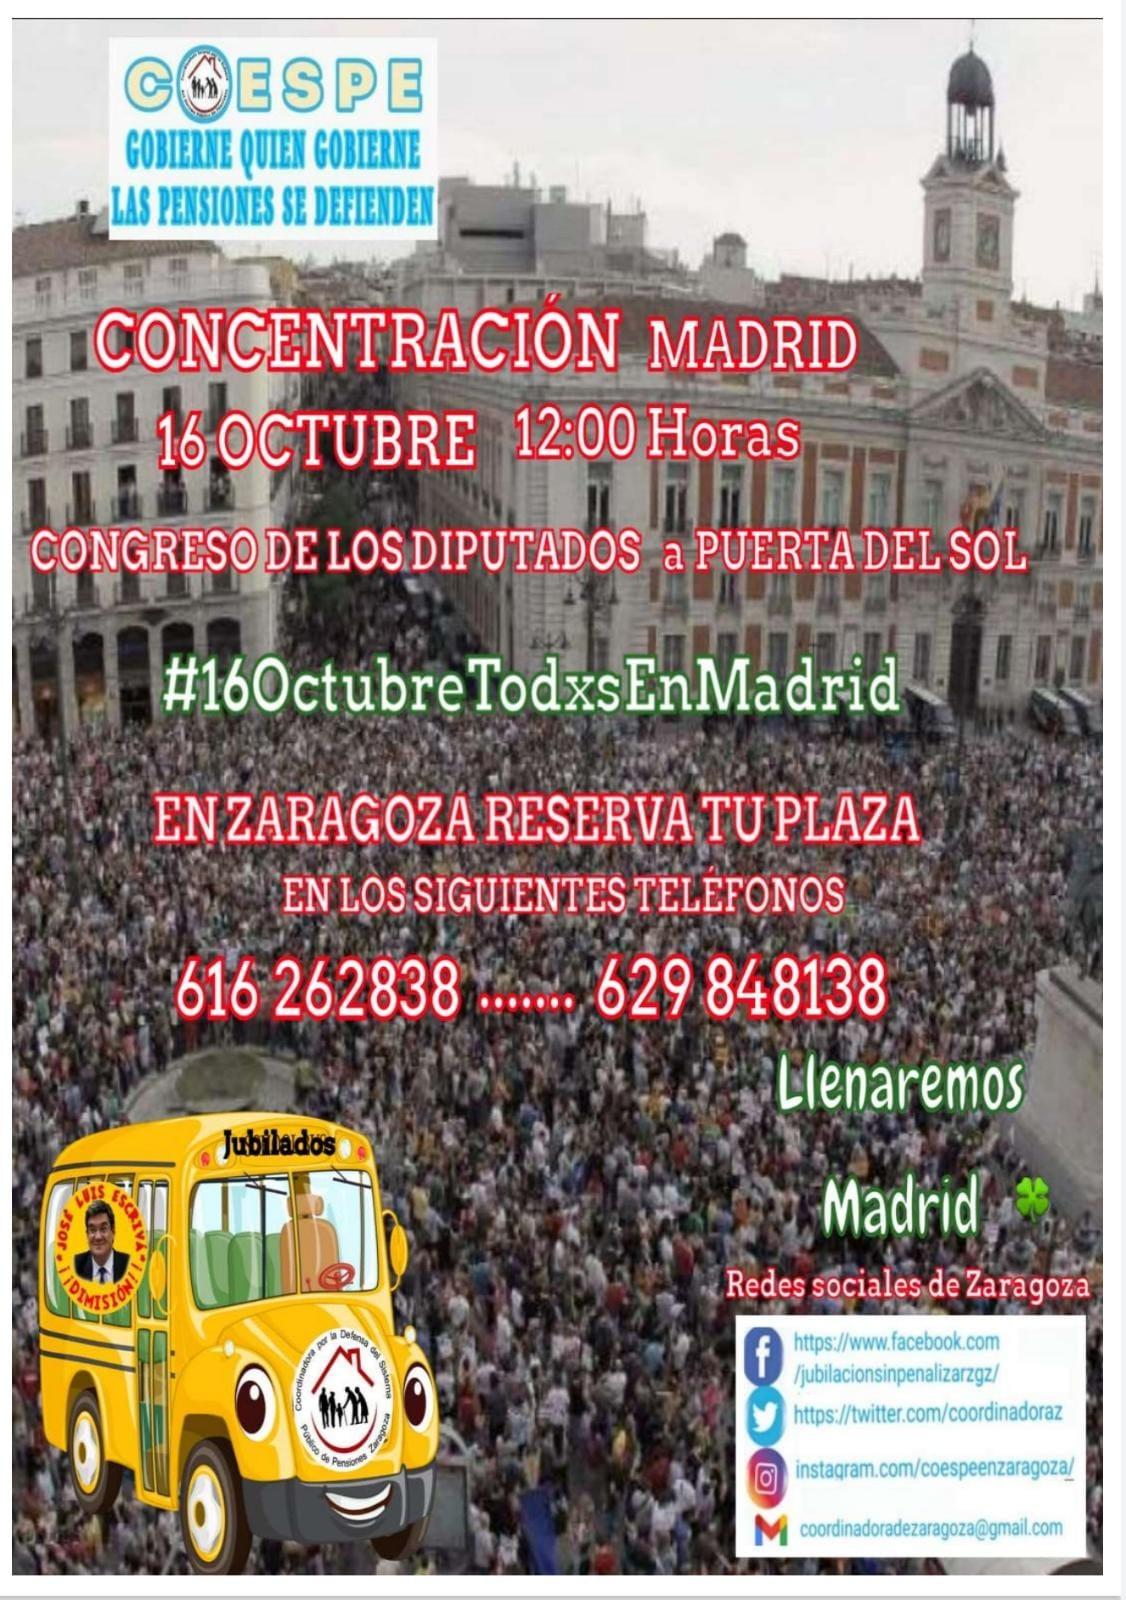 SABADO 16 DE OCTUBRE, TODAS Y TODOS A LLENAR MADRID. ¡¡En Zaragoza, reserva tu plaza de autobús!!